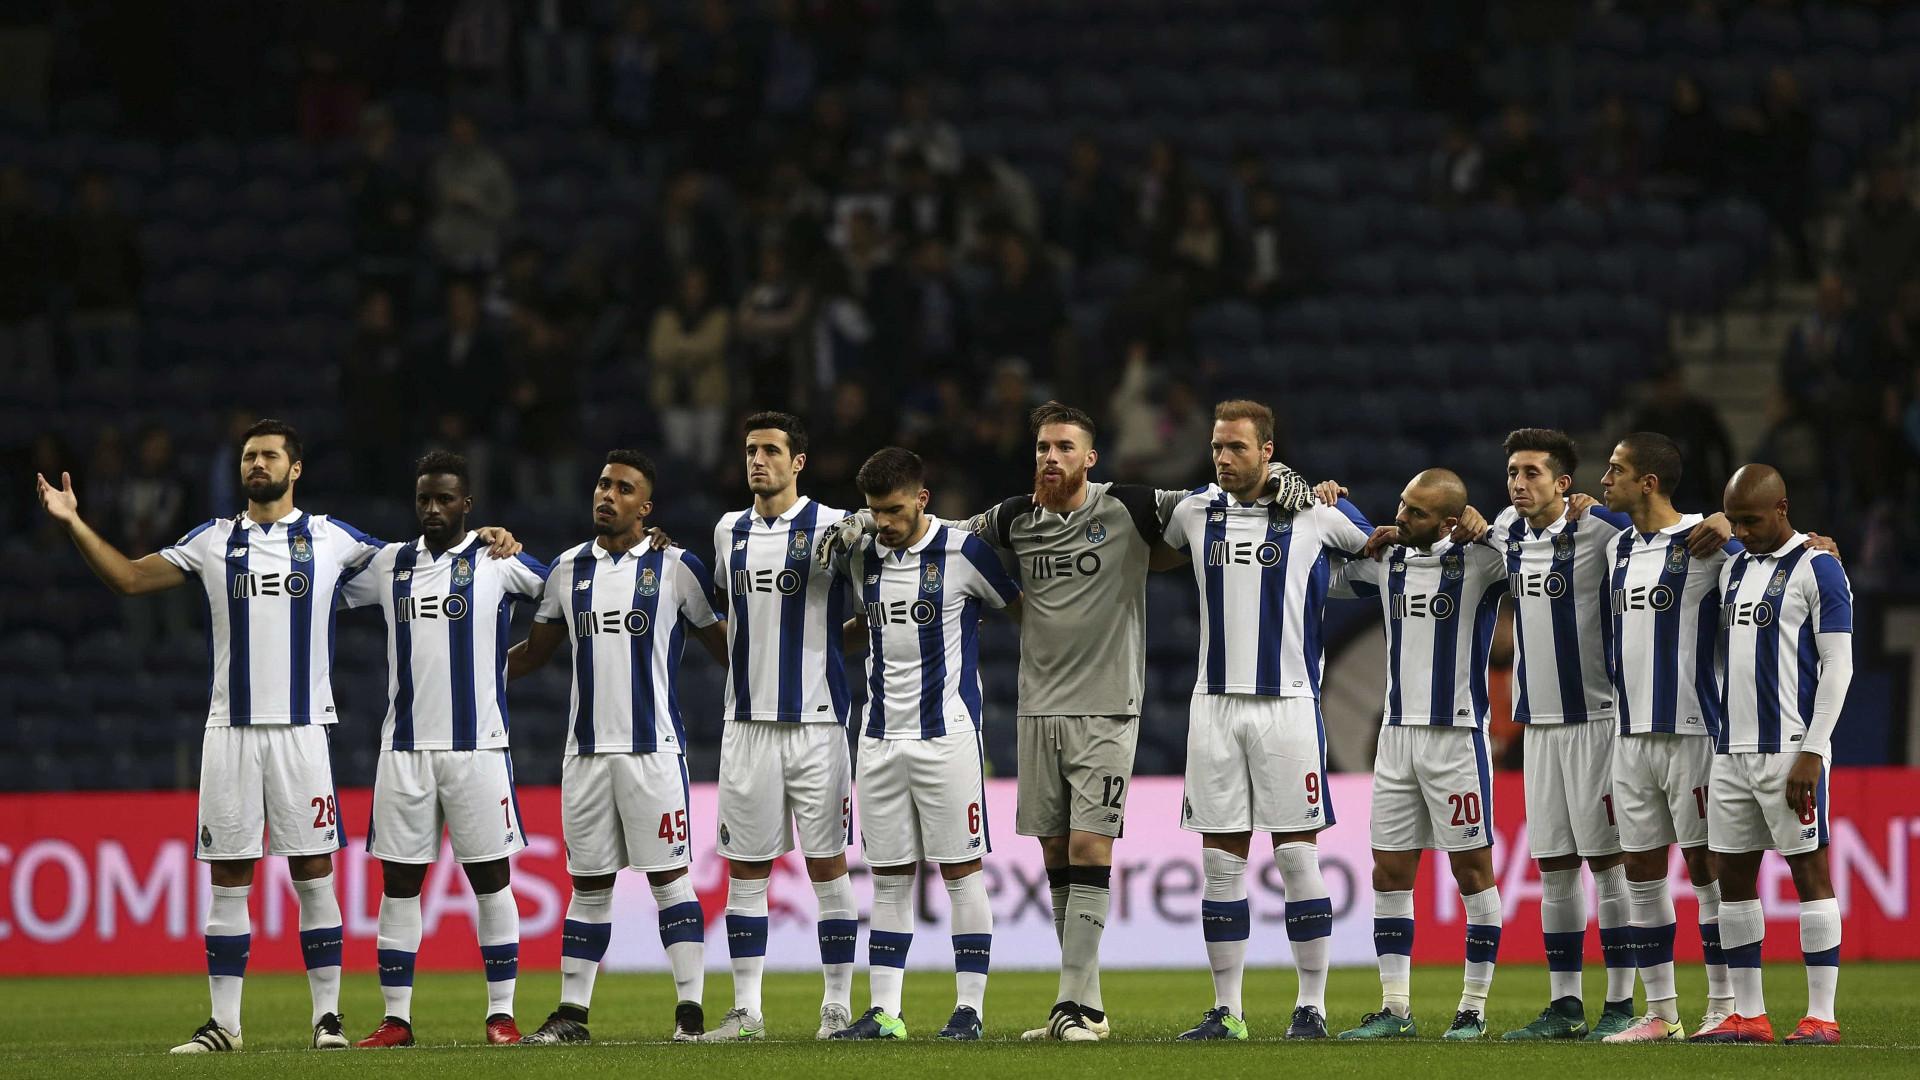 Minuto de silêncio no FC Porto-Belenenses em homenagem das vítimas